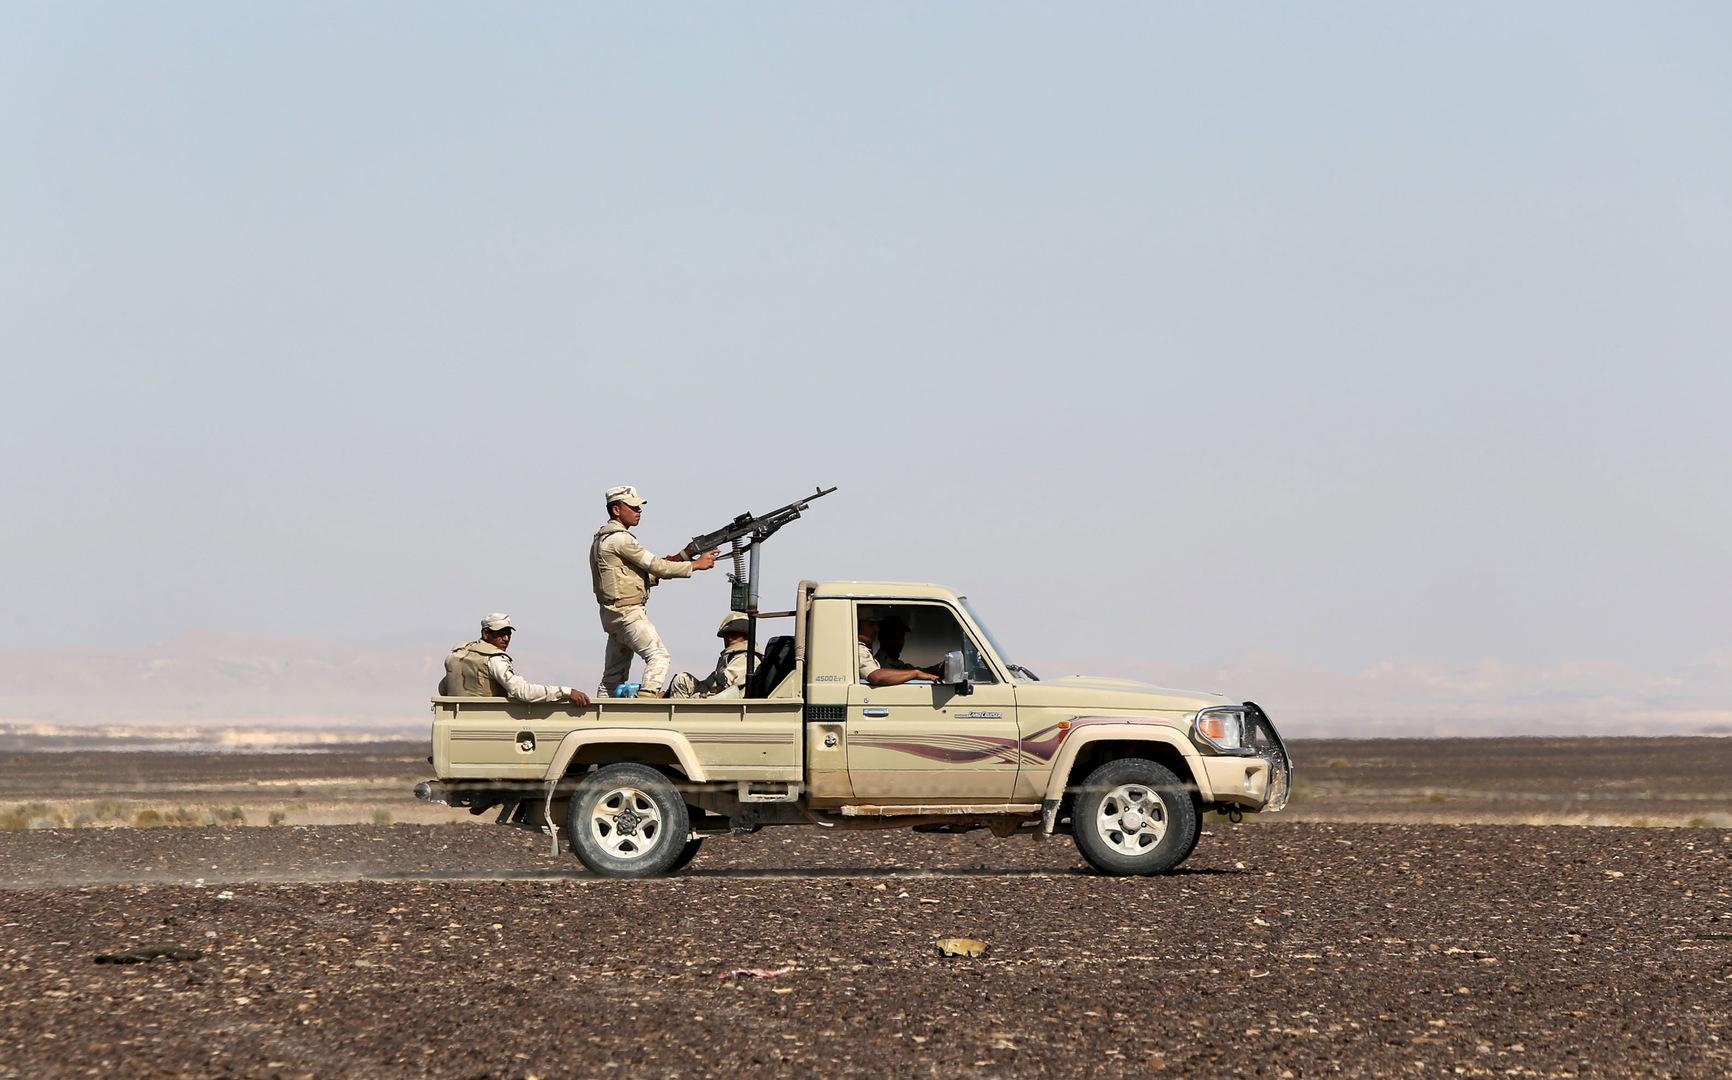 سيارة للجيش المصري، أرشيف